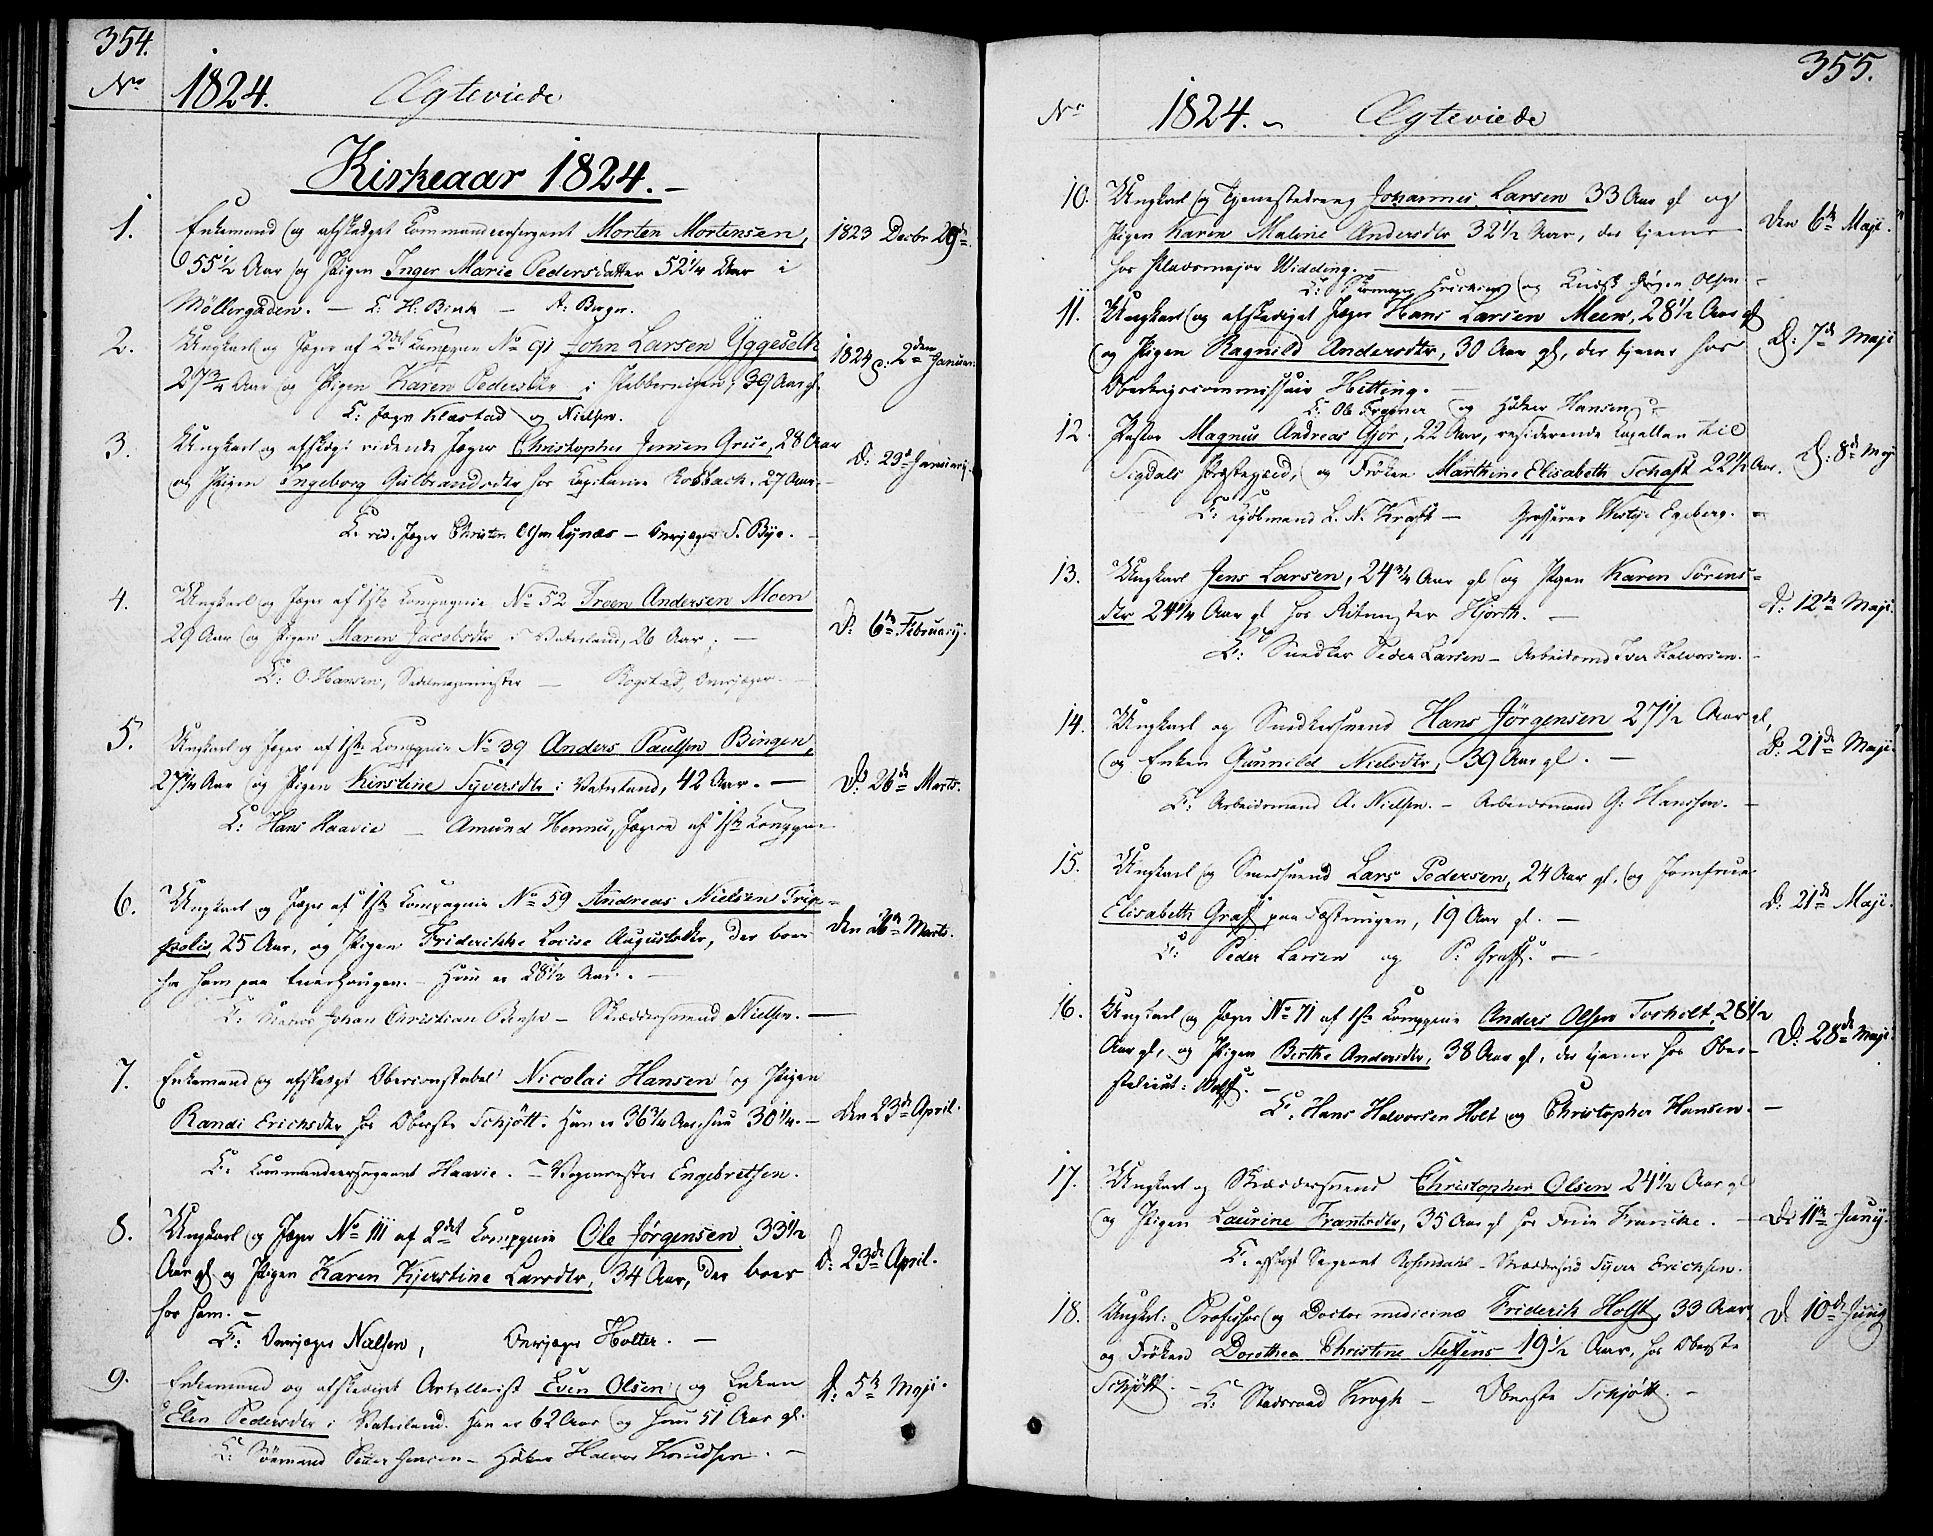 SAO, Garnisonsmenigheten Kirkebøker, F/Fa/L0004: Ministerialbok nr. 4, 1820-1828, s. 354-355